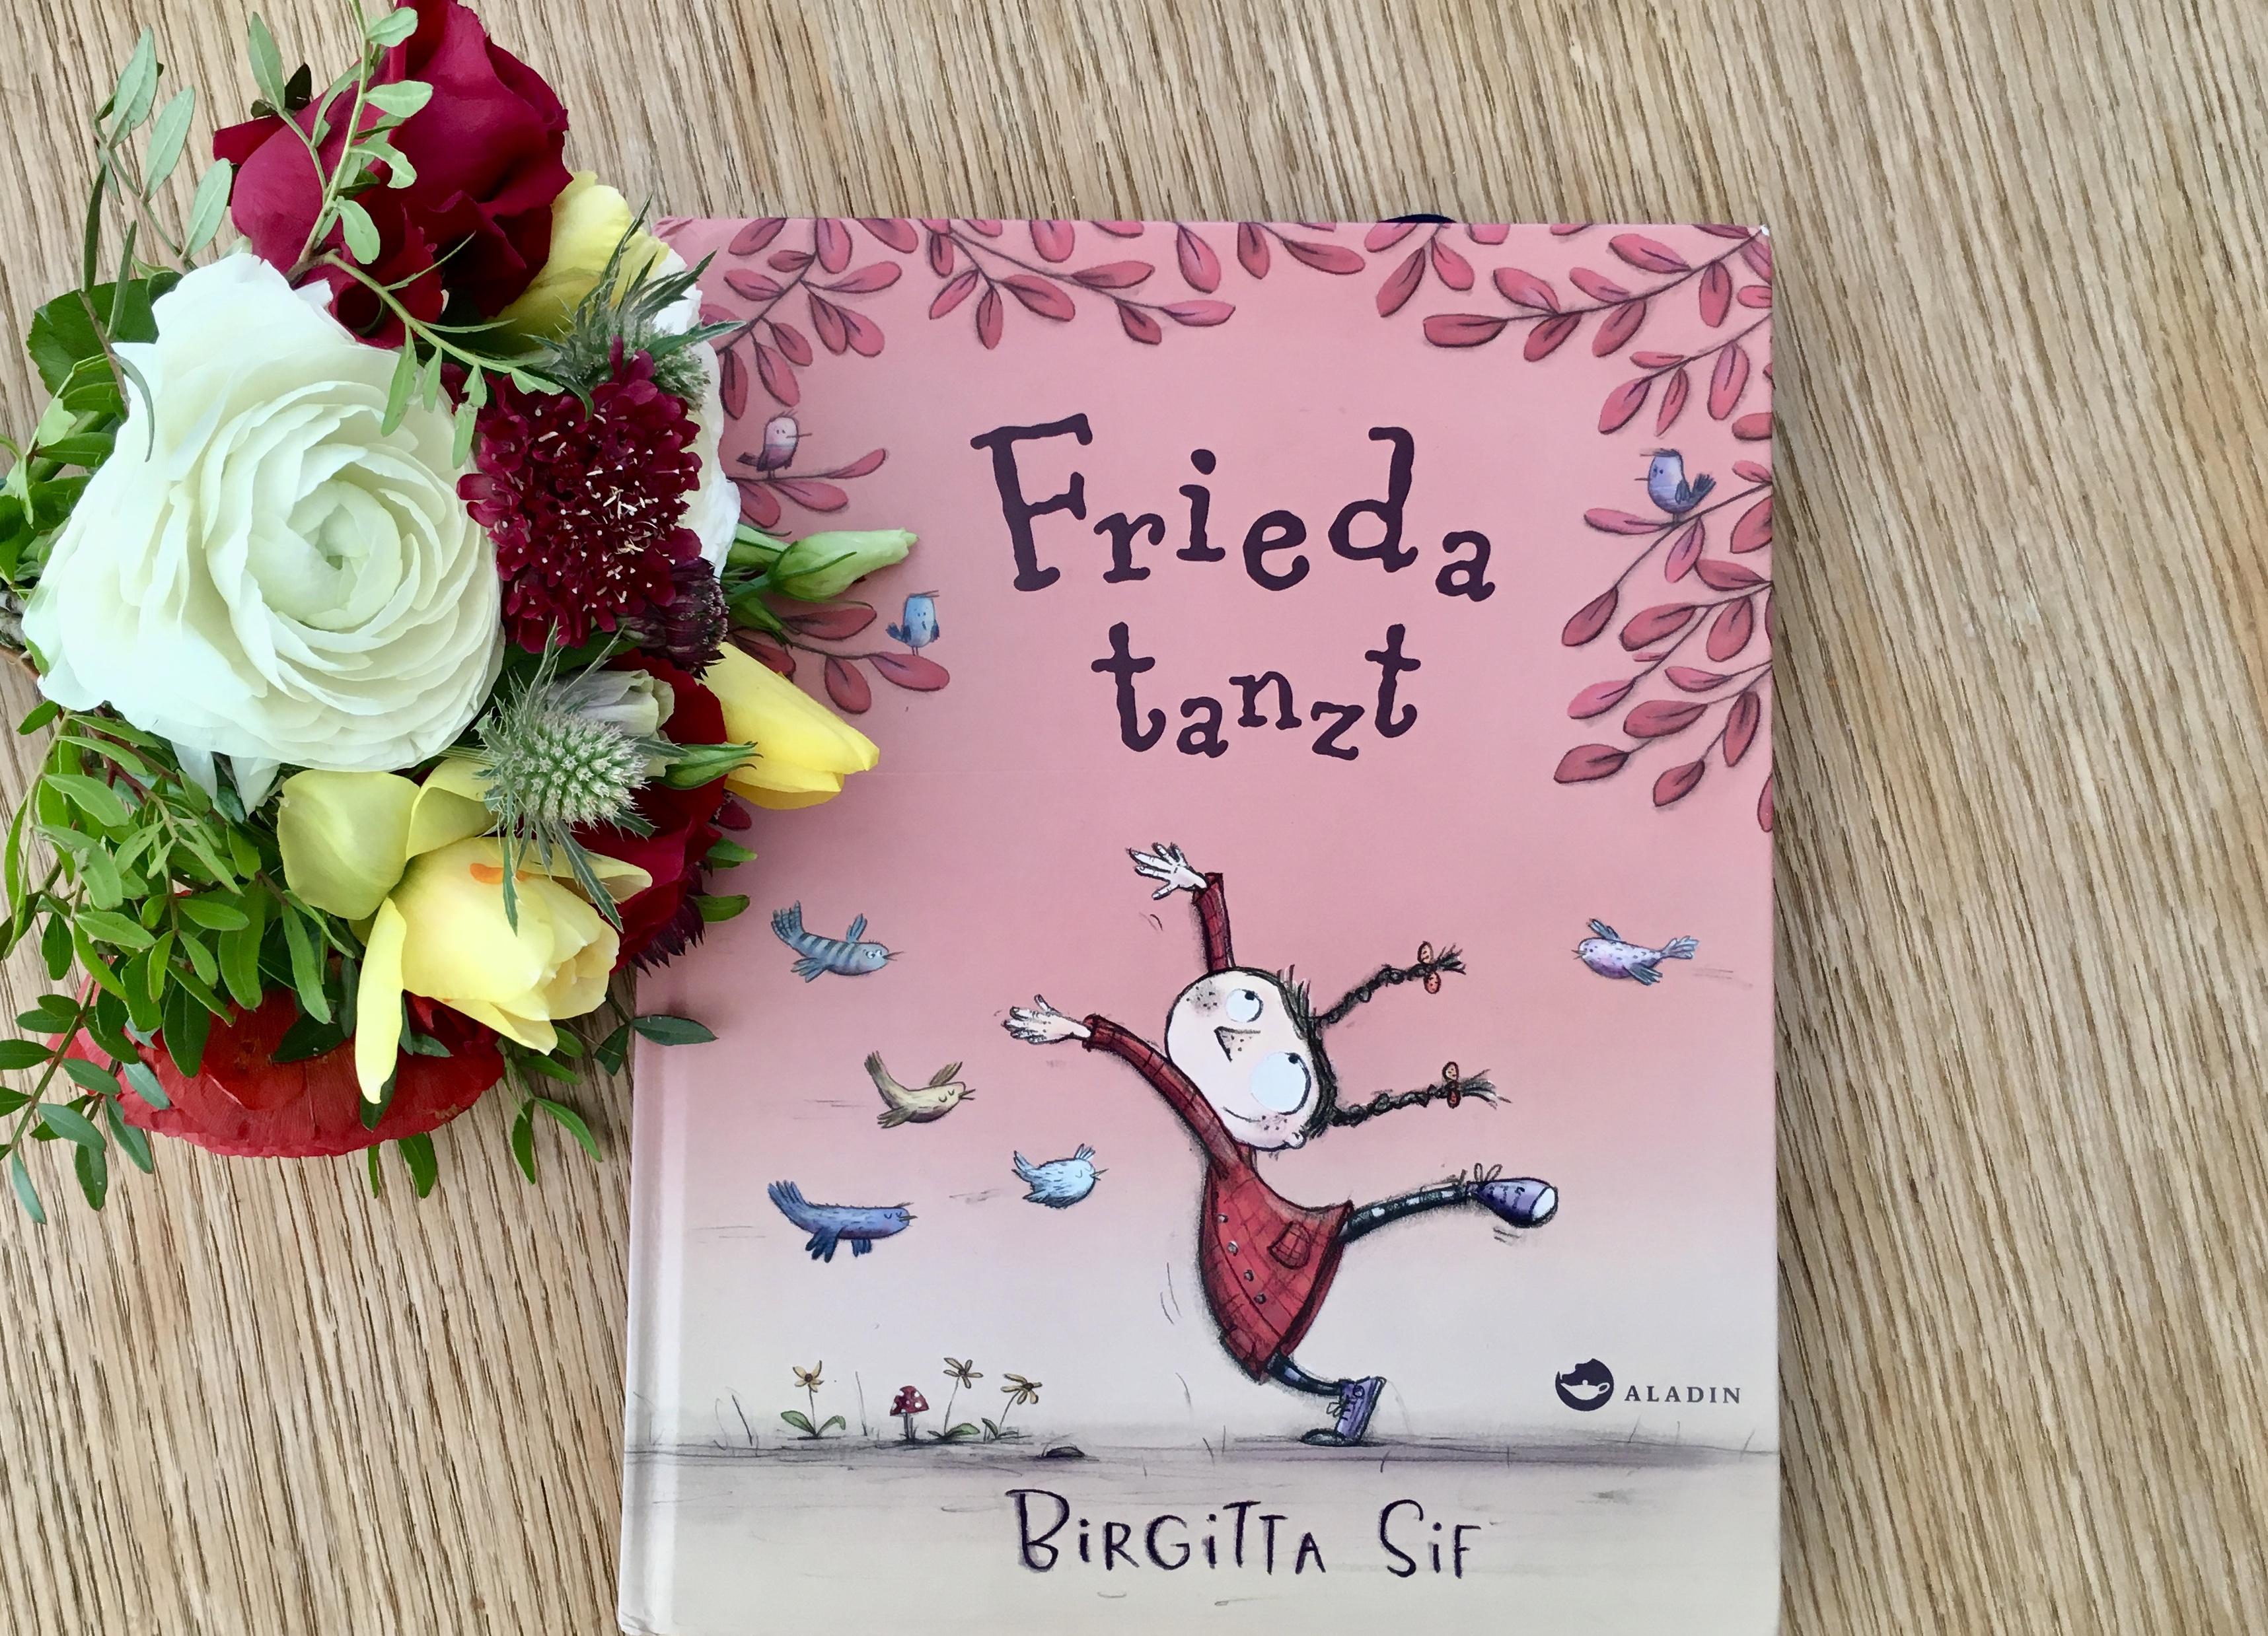 Frieda tanzt von Birgitta Sif